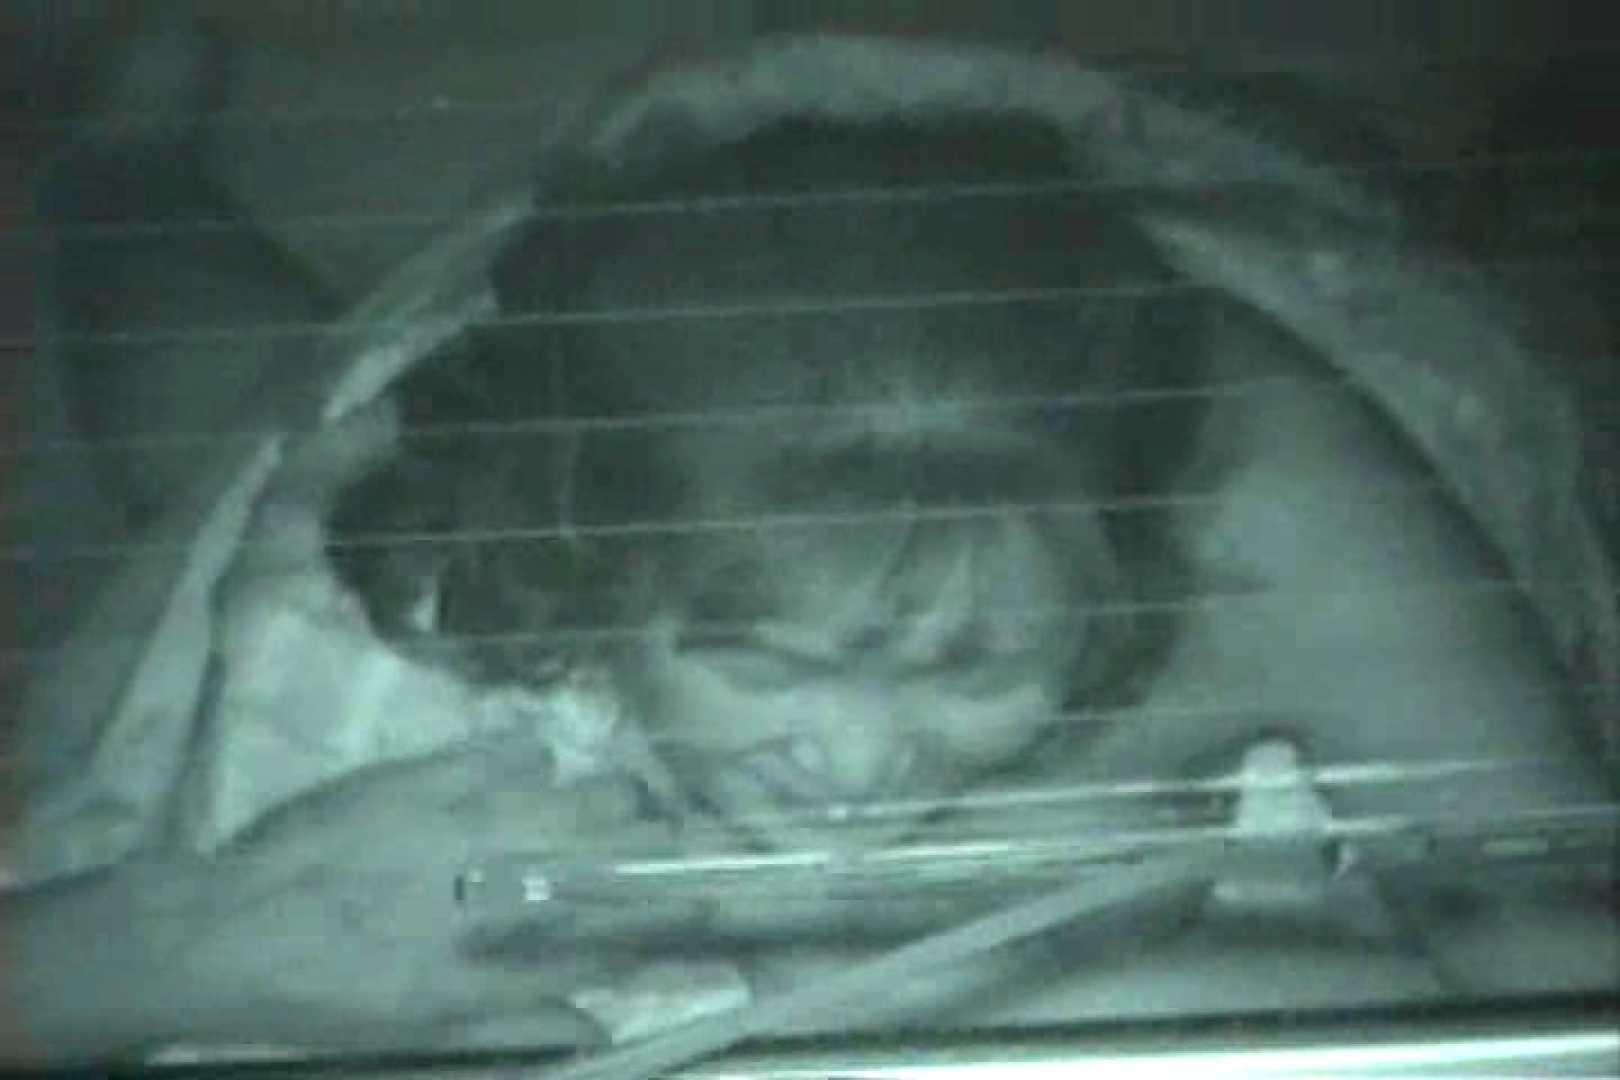 車の中はラブホテル 無修正版  Vol.23 盗撮特集 オマンコ動画キャプチャ 81画像 45